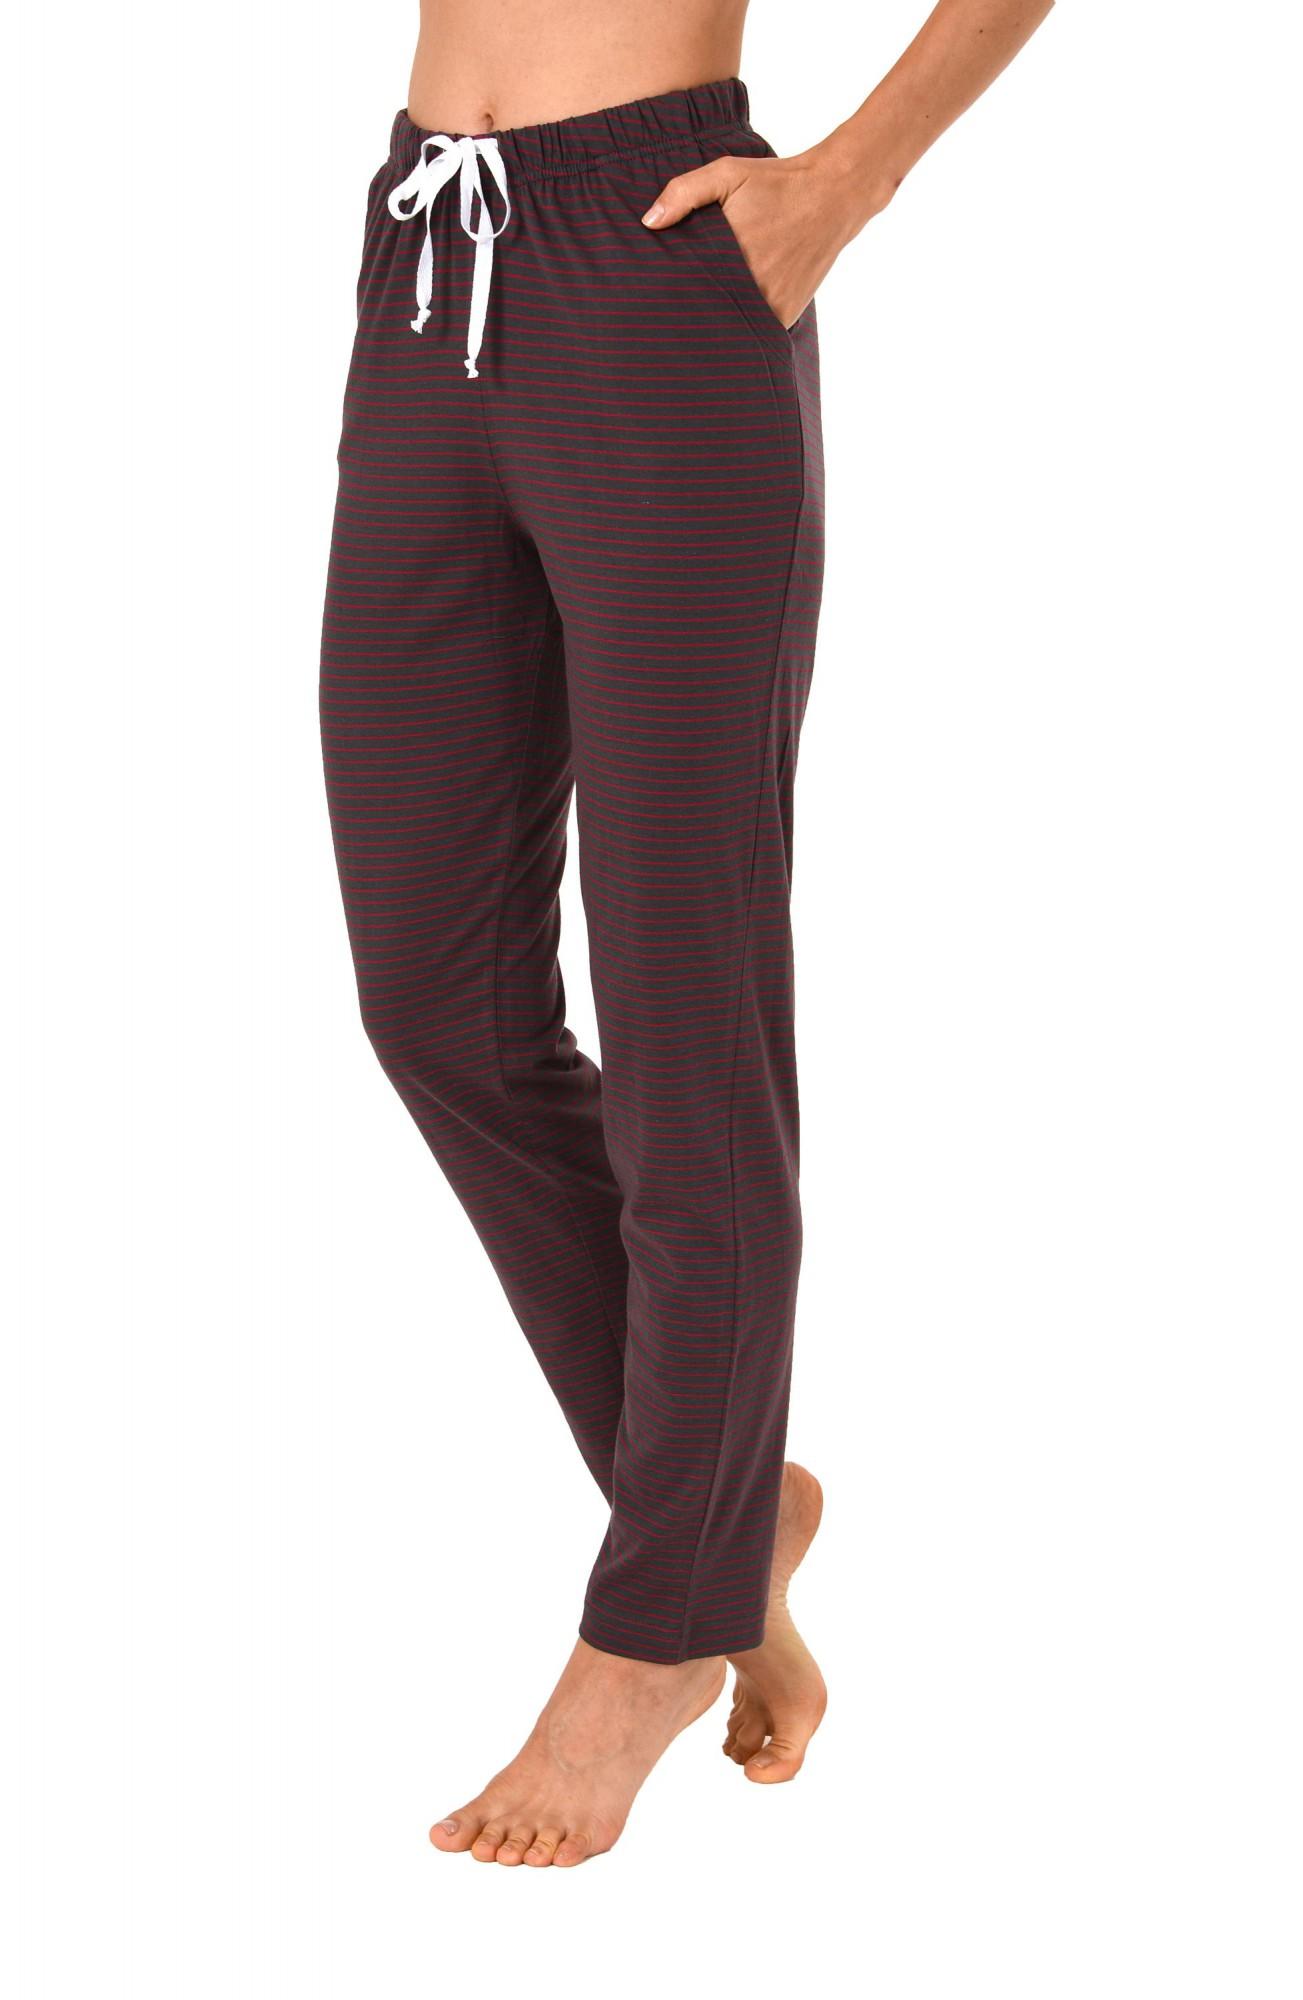 Damen Hose lang- Mix & Match – gestreift - ideal zum kombinieren  271 222 90 105 – Bild 3